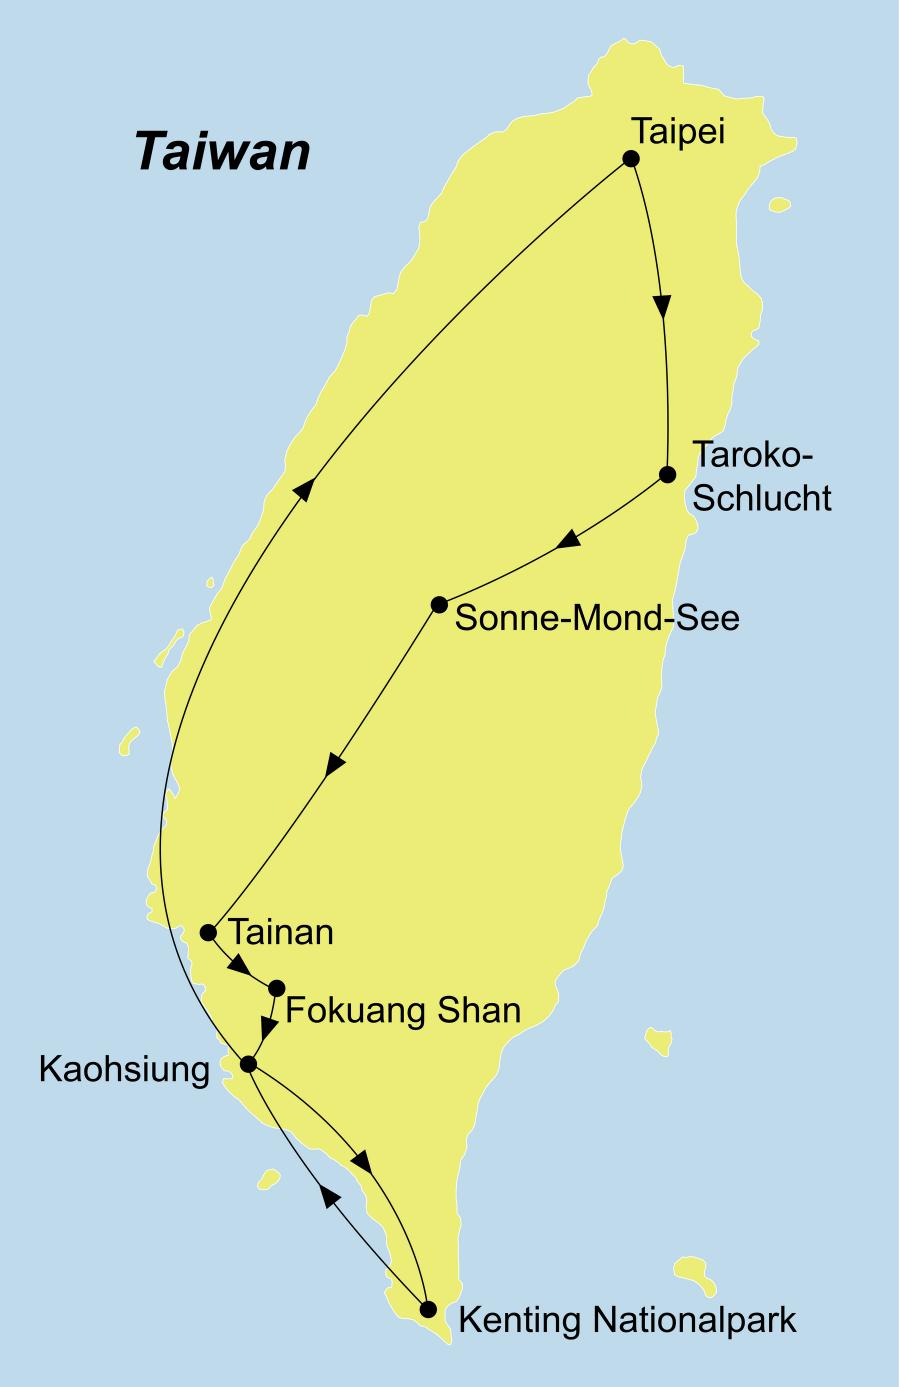 Die Best of Taiwan mit Kenting Nationalpark Rundreise führt von Taipeh über Taroko Nationalpark, Sonne-Mond-See, Tainan, Foguangshan Kloster, Kaohsiung, Kenting Nationalpark zurück nach Taipeh.